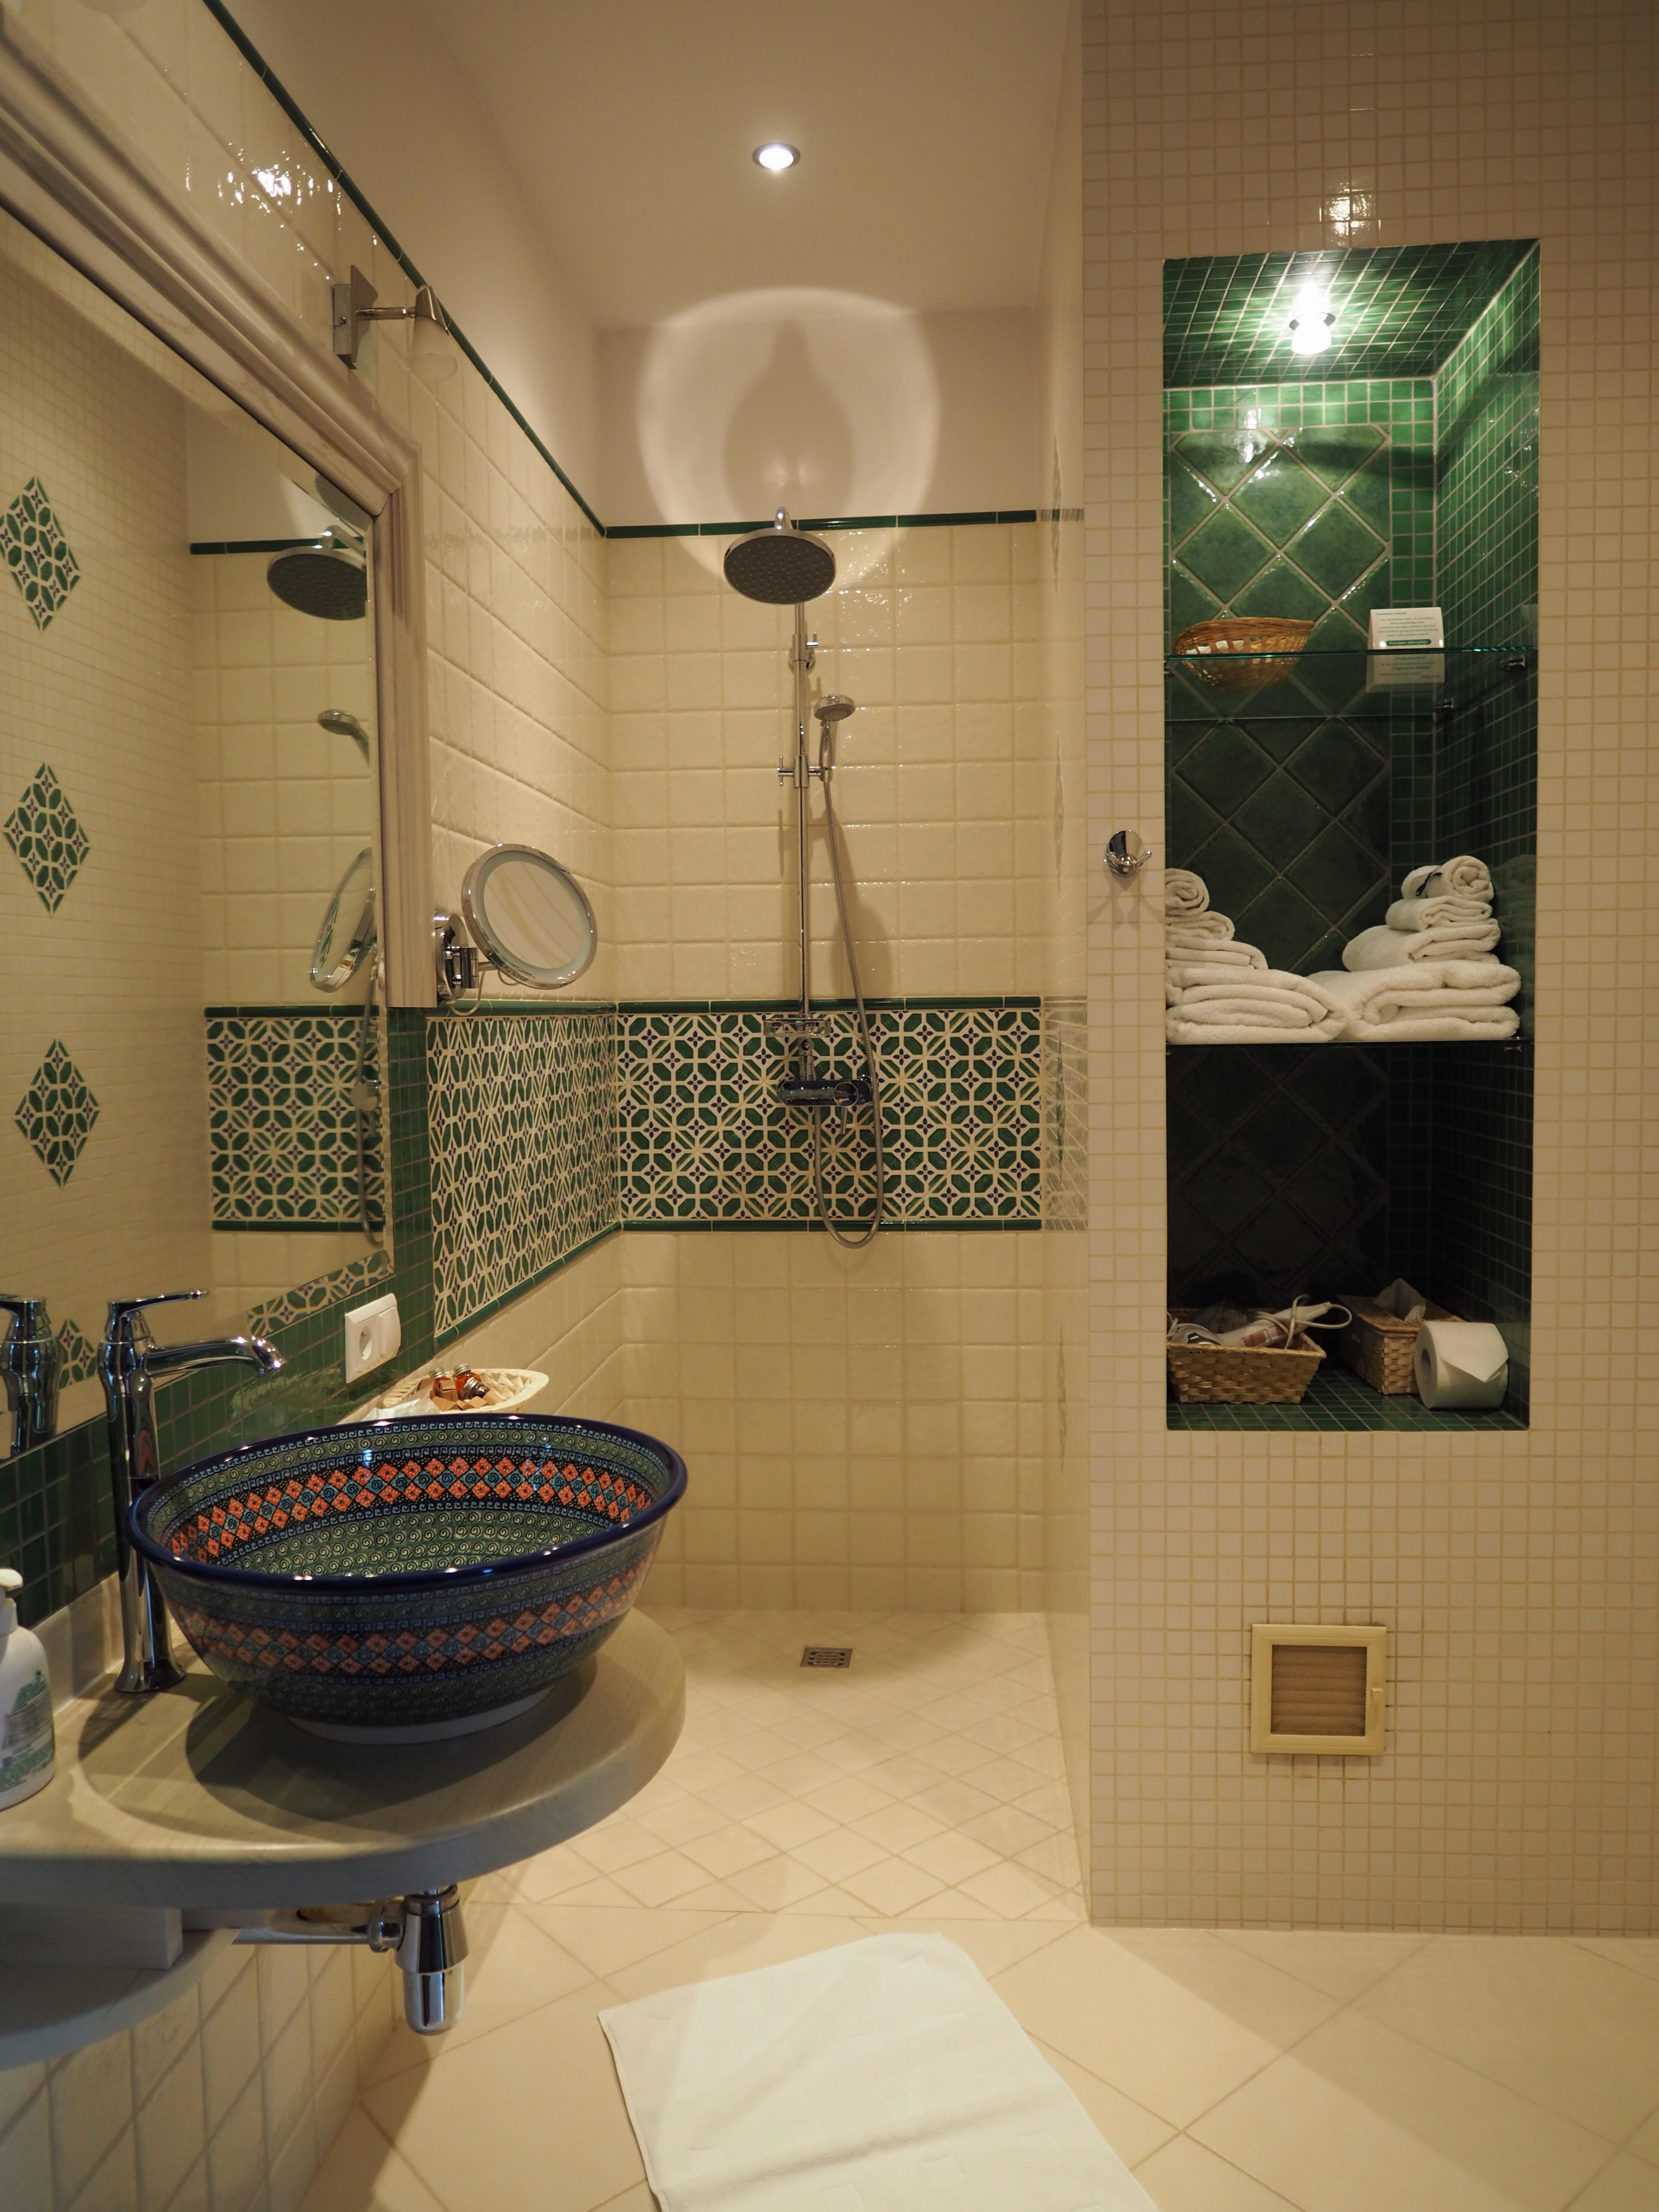 シャワーのみでも素敵な雰囲気